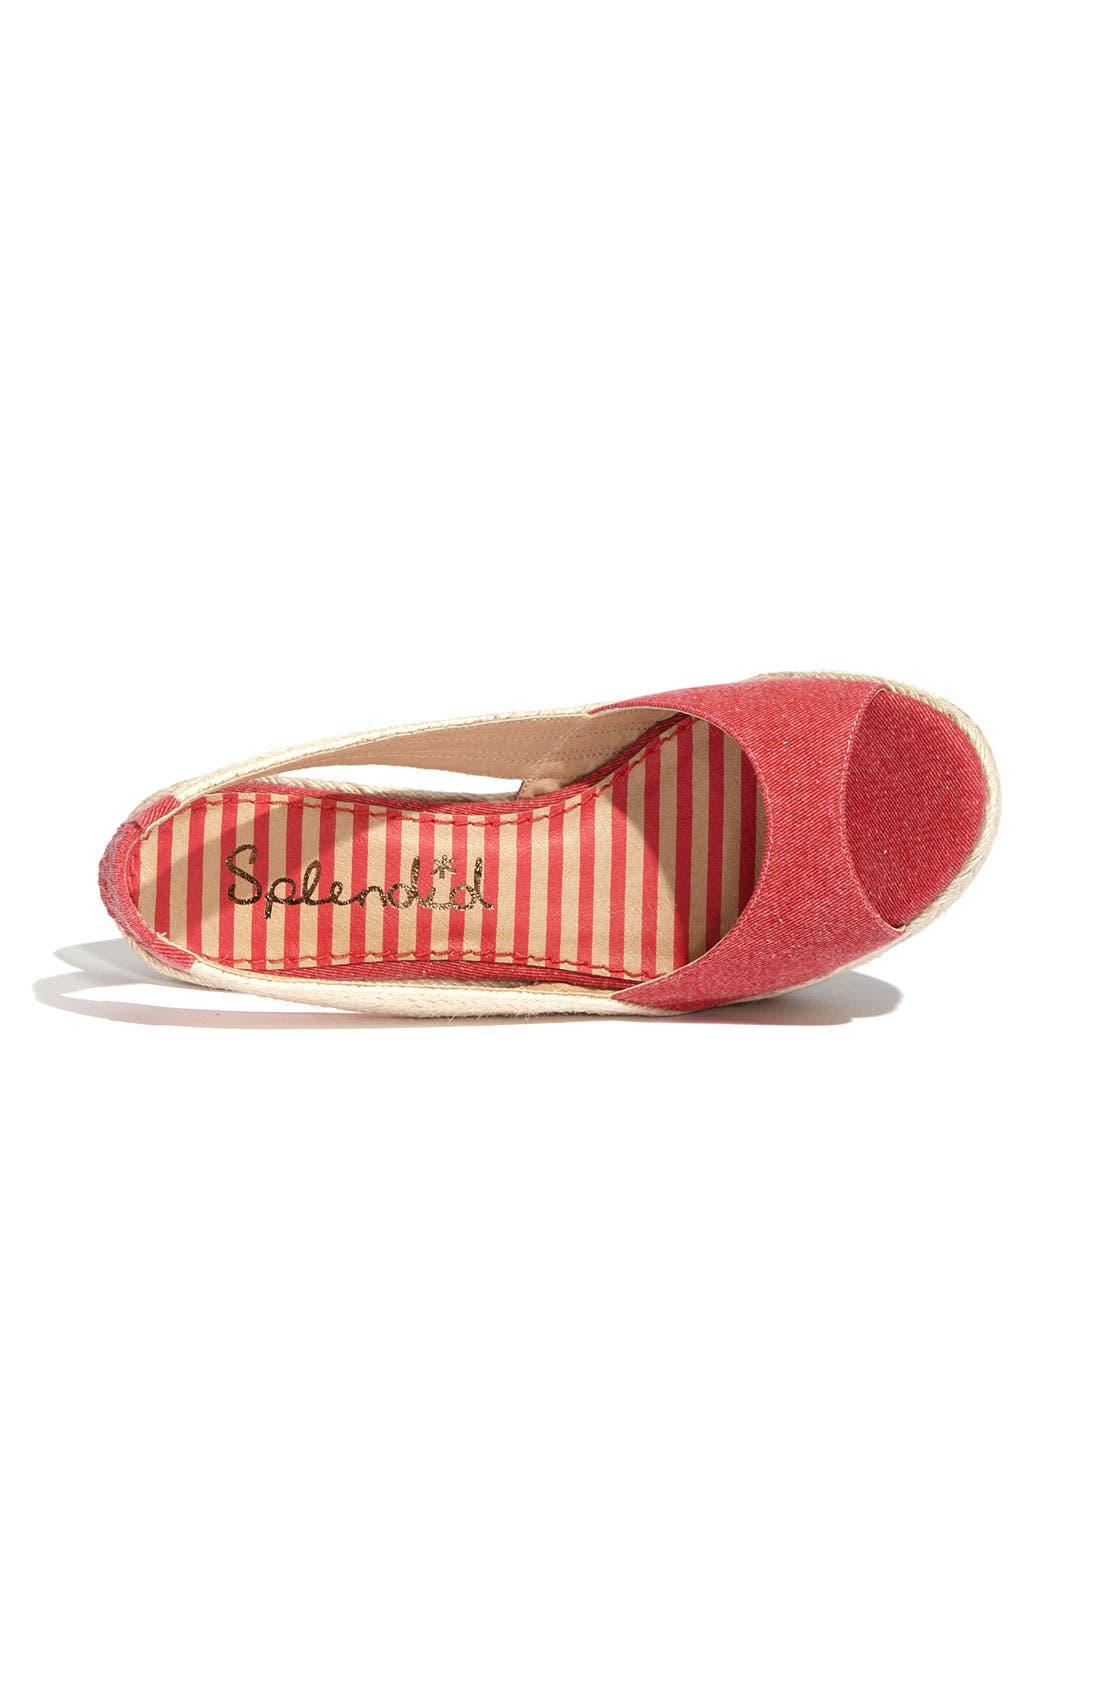 Alternate Image 3  - Splendid 'Perfect' Espadrille Sandal